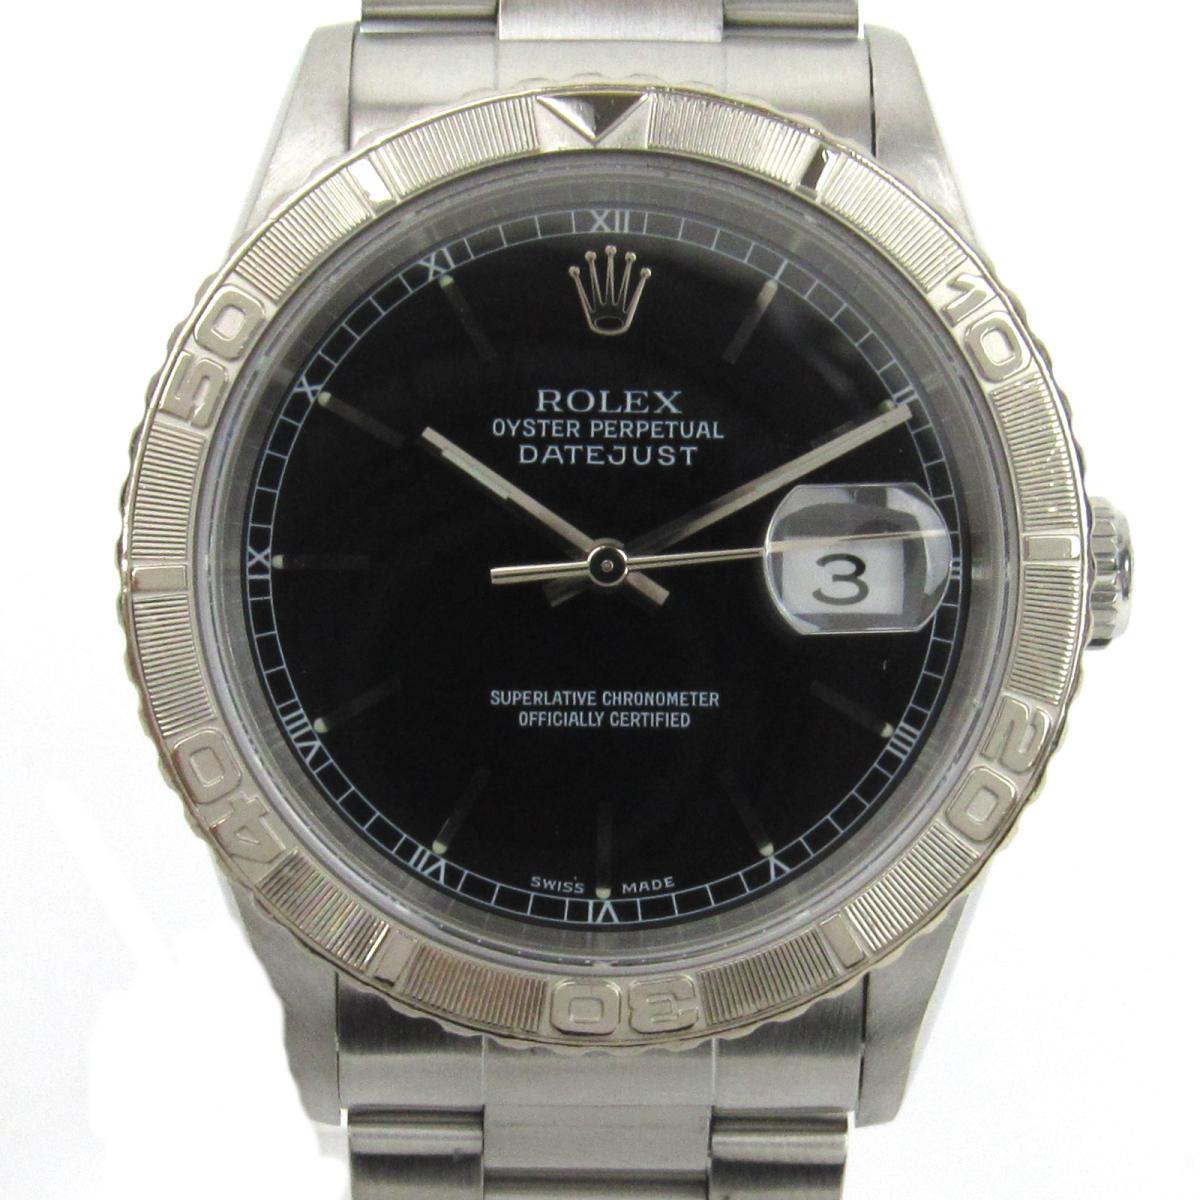 新しい到着 ロレックス サンダーバード 腕時計 ウォッチ 腕時計 ROLEX 時計 メンズ ロレックス K18WG (750) ホワイトゴールドxステンレススチール (SS) (16264 )【】 | ROLEX BRANDOFF ブランドオフ ブランド ブランド時計 ブランド腕時計, SummerQueenJP:84e1da6a --- baecker-innung-westfalen-sued.de